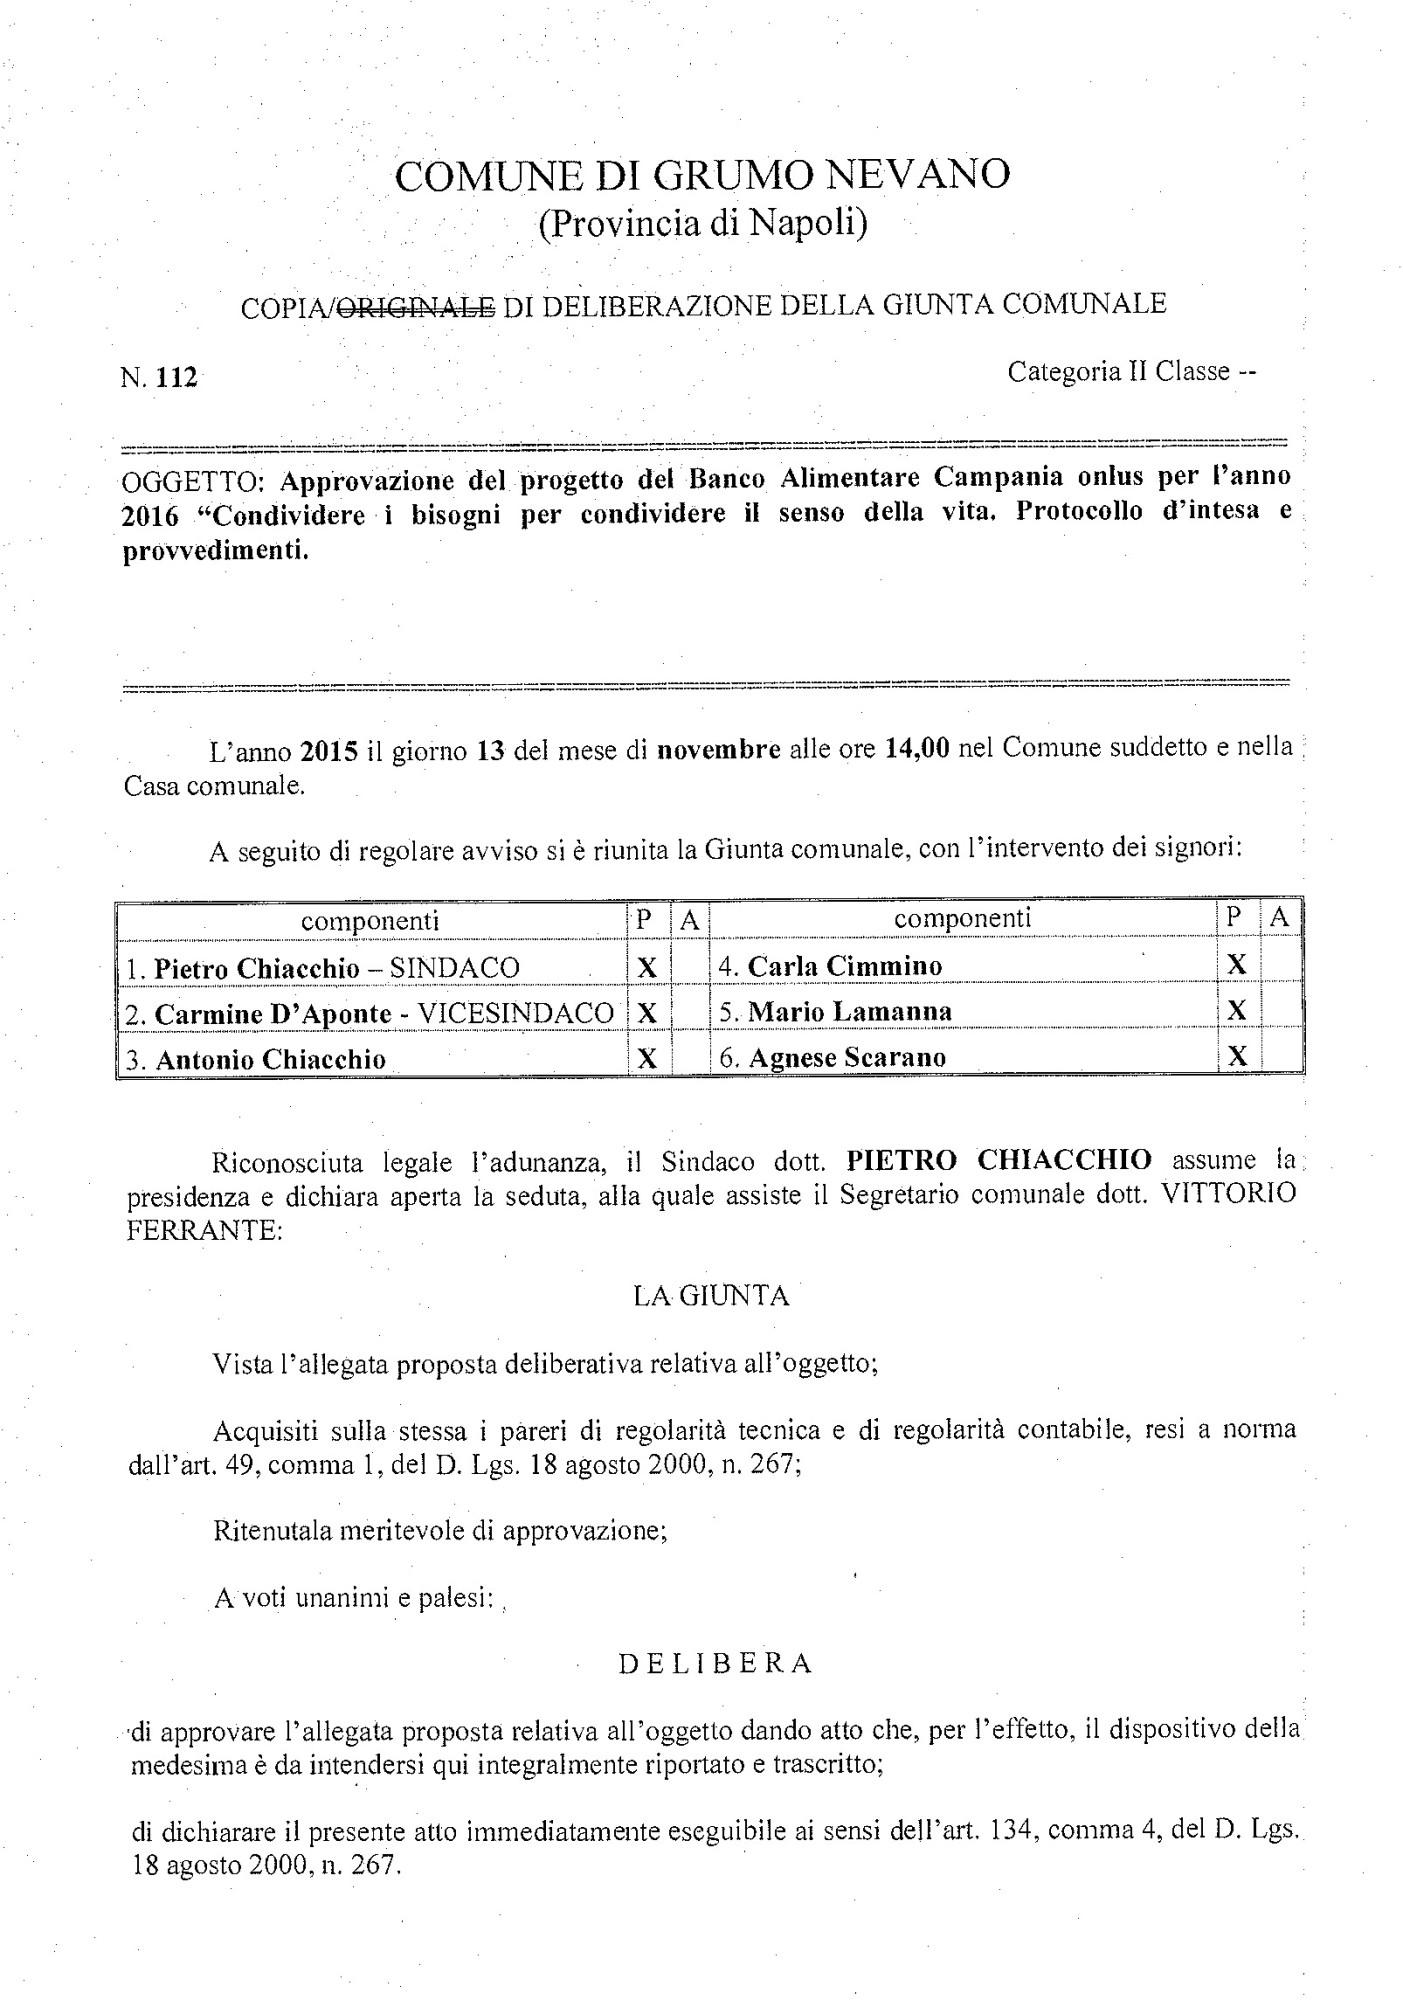 112_App._del_progetto_banco_alimentare_campania_pe_Pagina_1_Immagine_0001